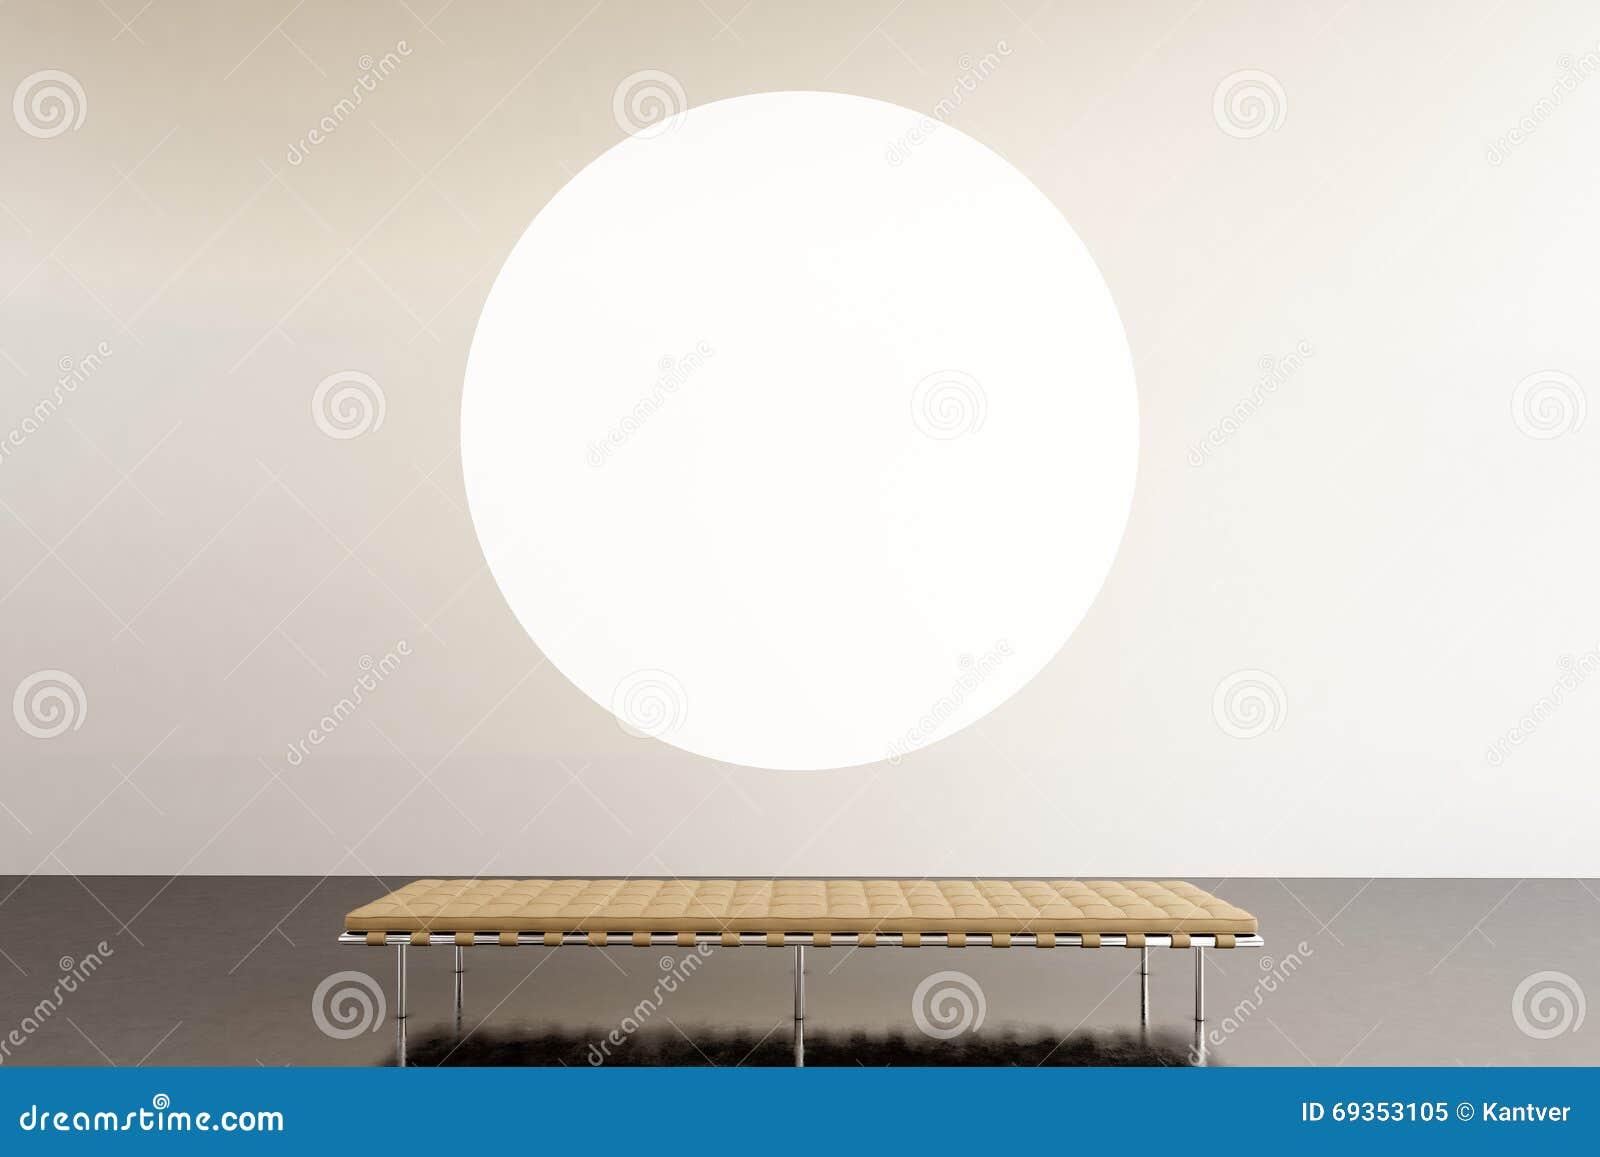 照片陈列空间现代画廊 垂悬当代艺术博物馆的圆的白色空的帆布 内部顶楼样式与